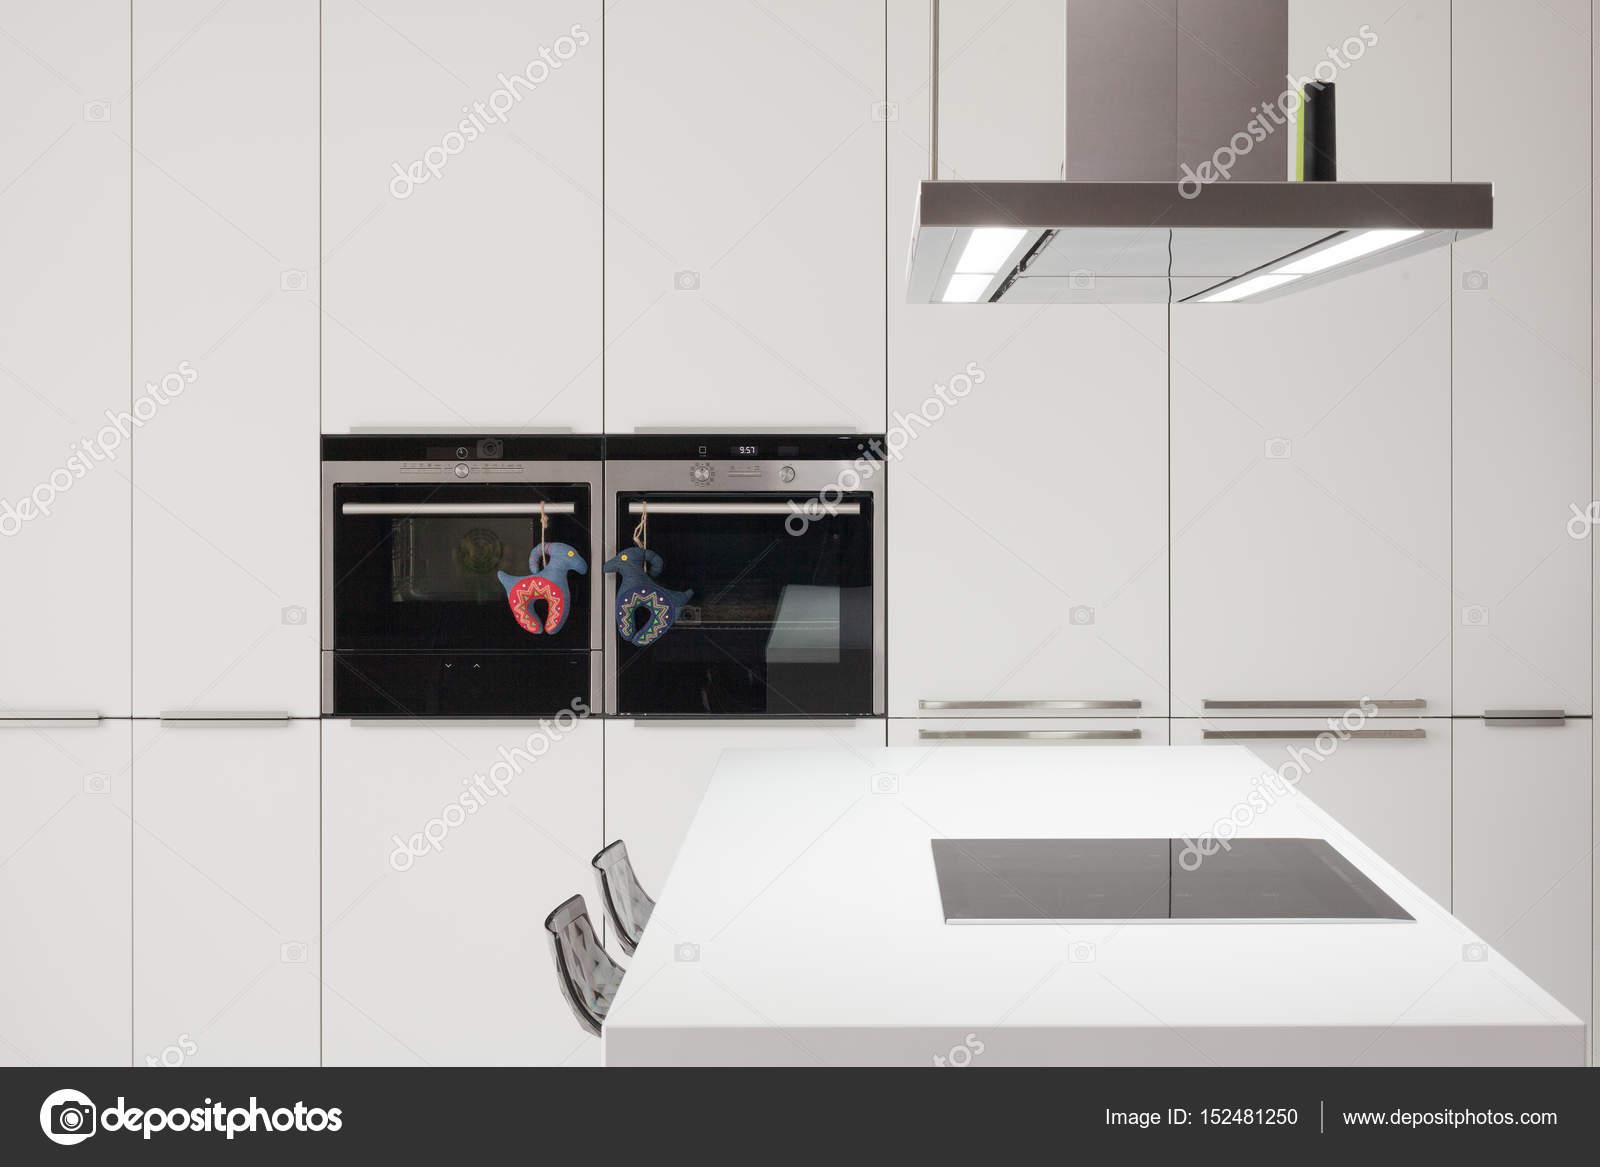 Weiße moderne Küche mit Stahl-Geräte — Stockfoto © brizmaker #152481250